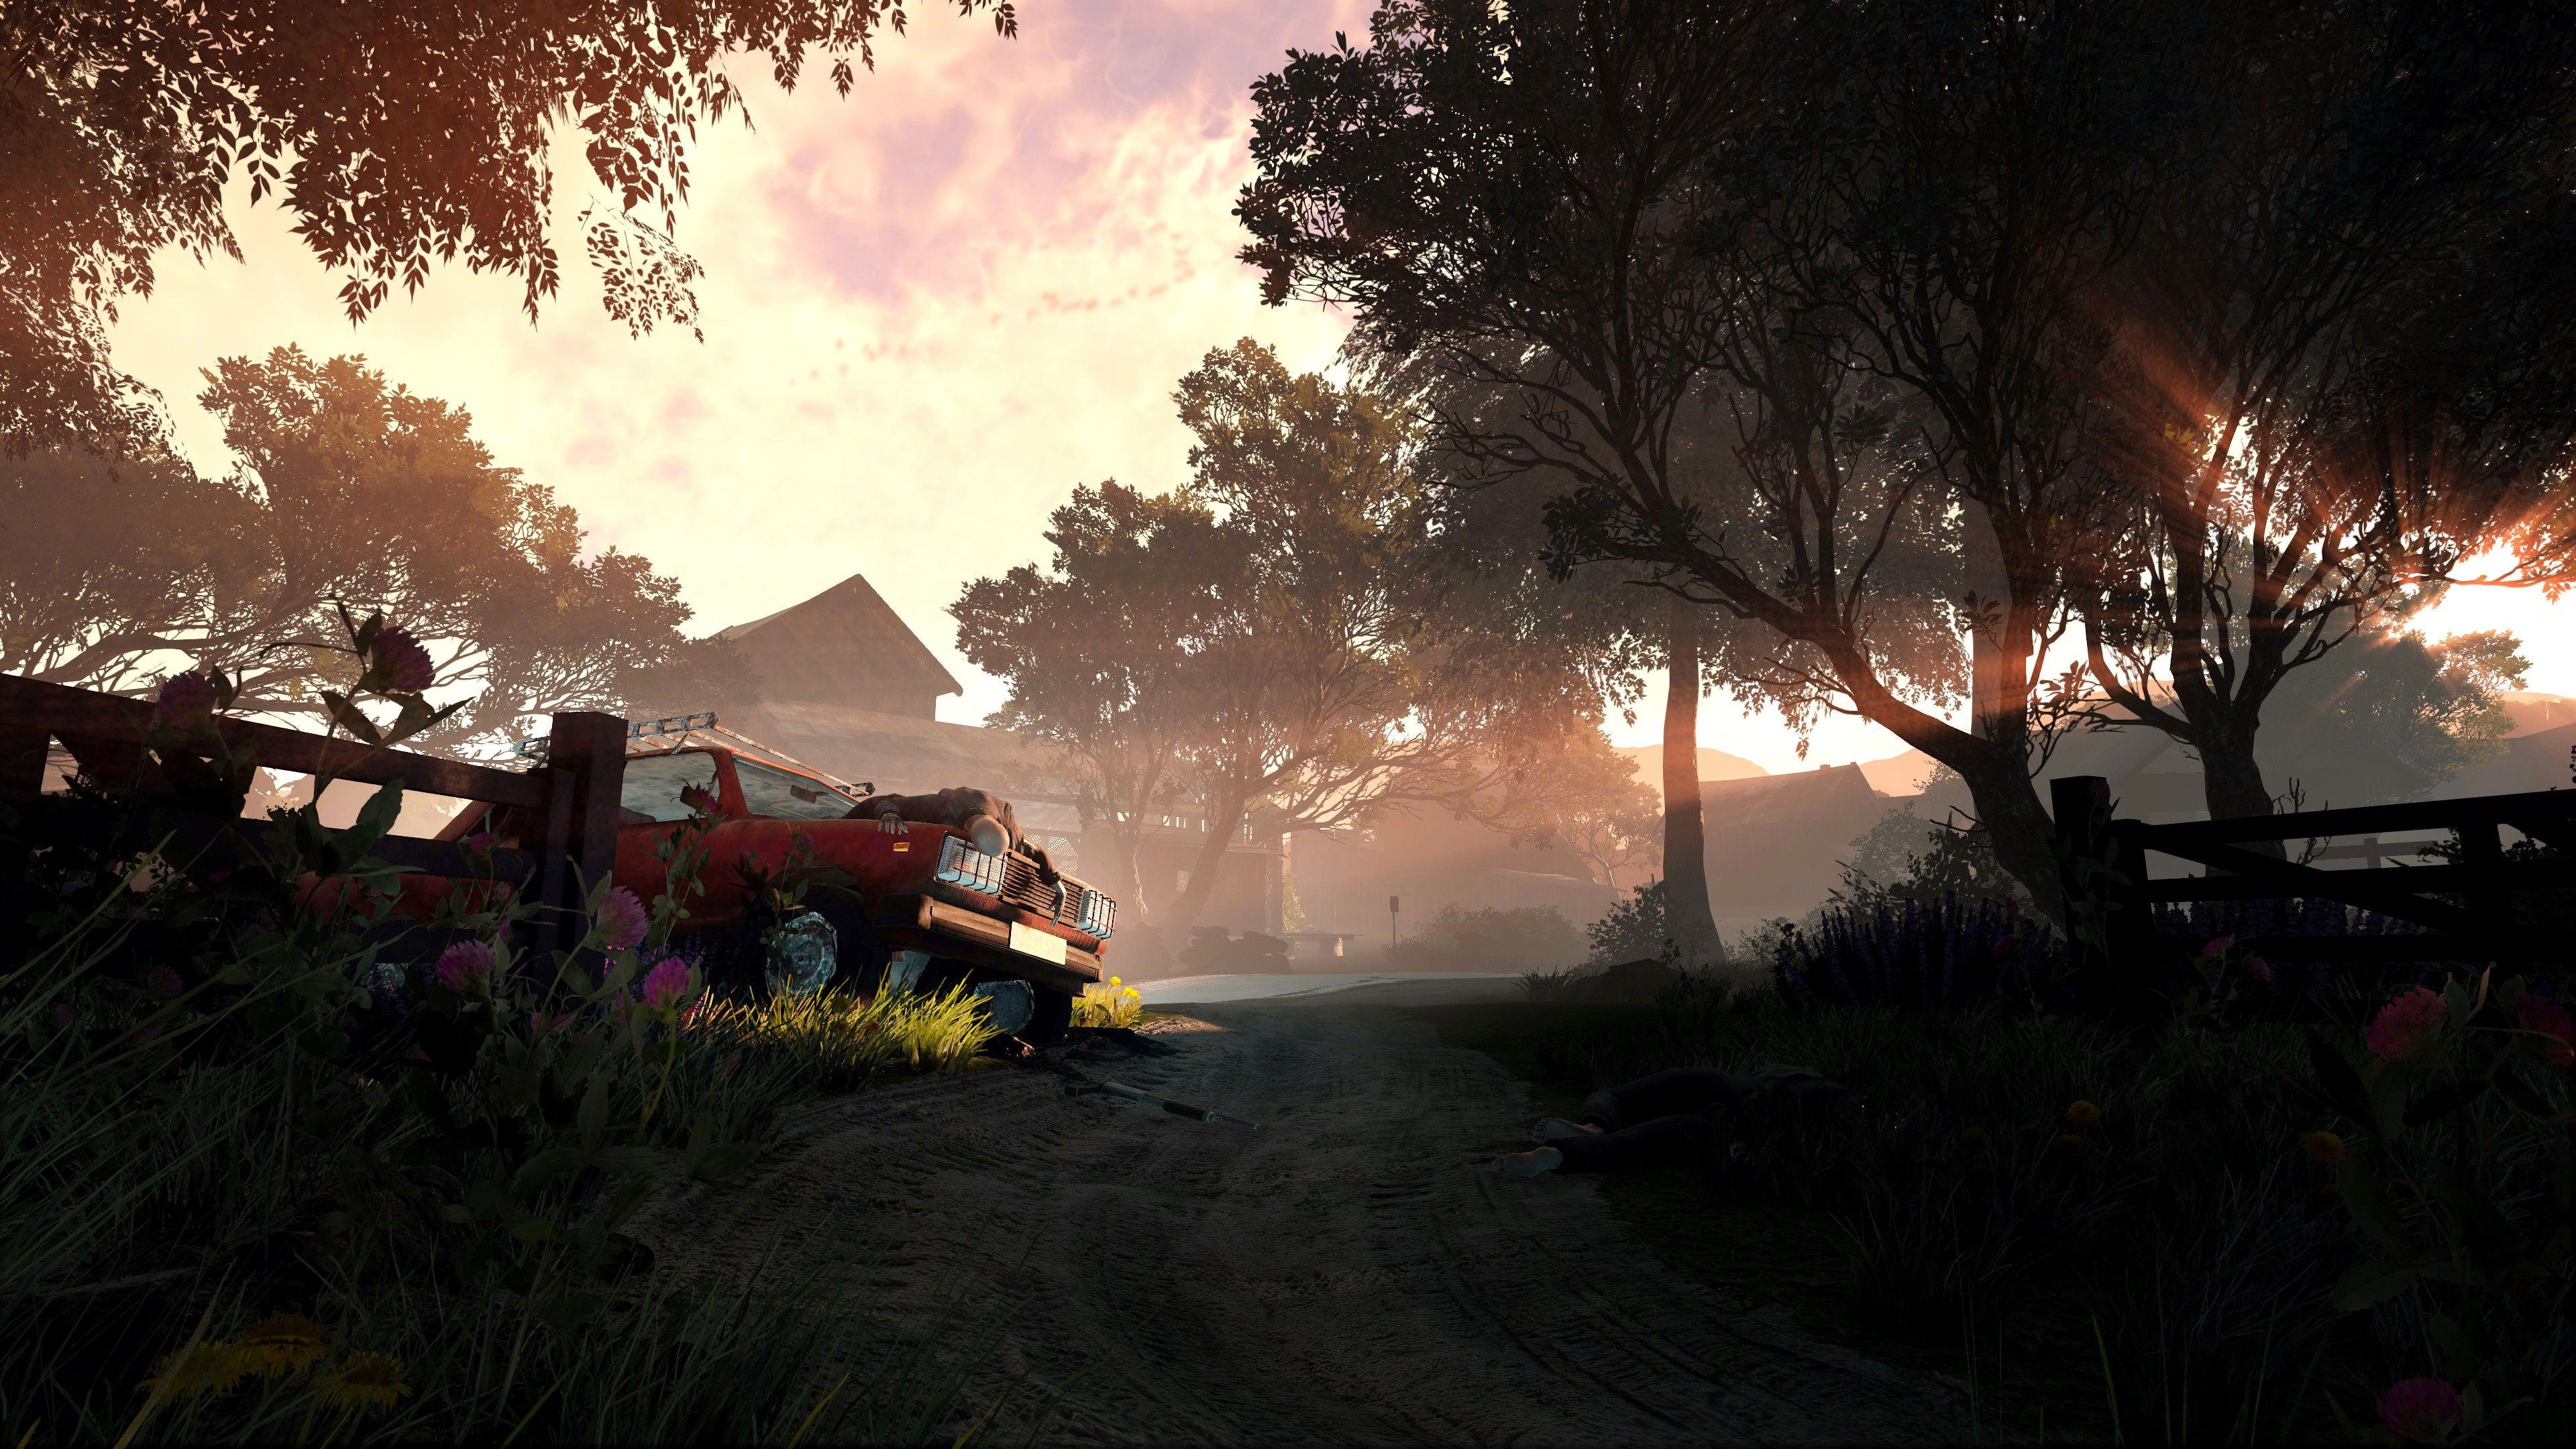 Wallpaper PlayerUnknown's Battlegrounds, Screenshot, 4K